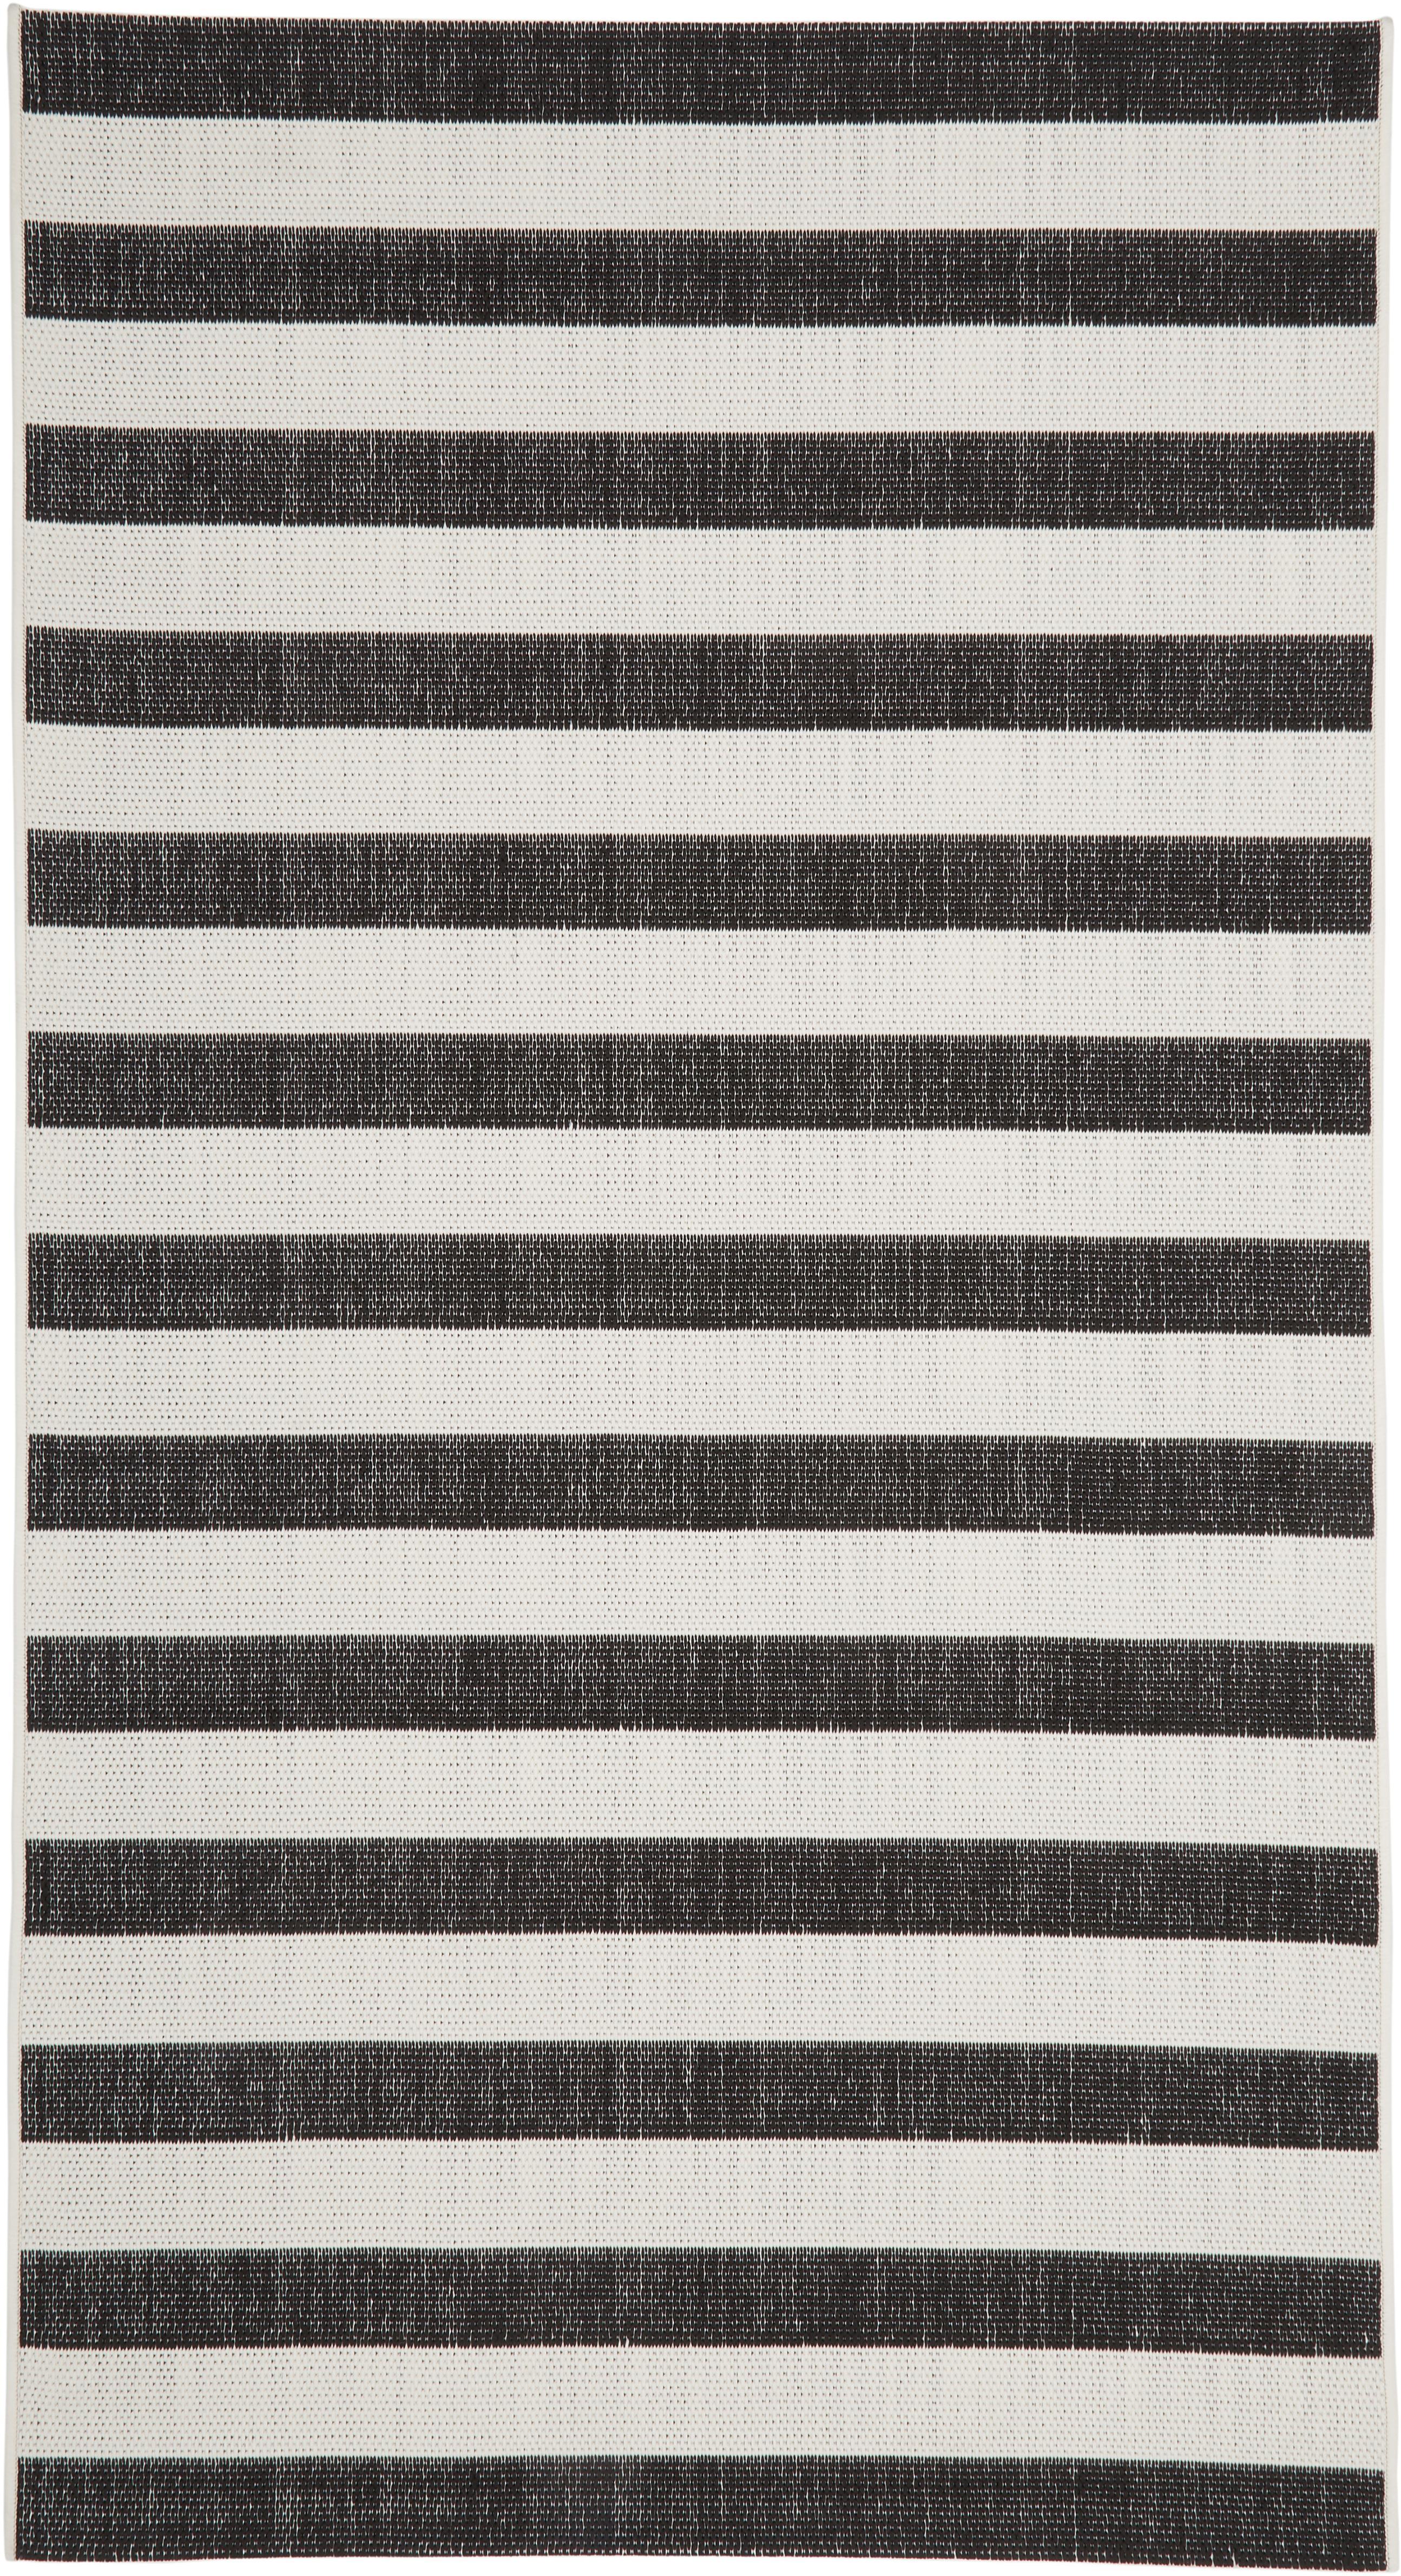 Gestreifter In- & Outdoor-Teppich Axa in Schwarz/Weiß, Flor: 100% Polypropylen, Cremeweiß, Schwarz, B 80 x L 150 cm (Größe XS)